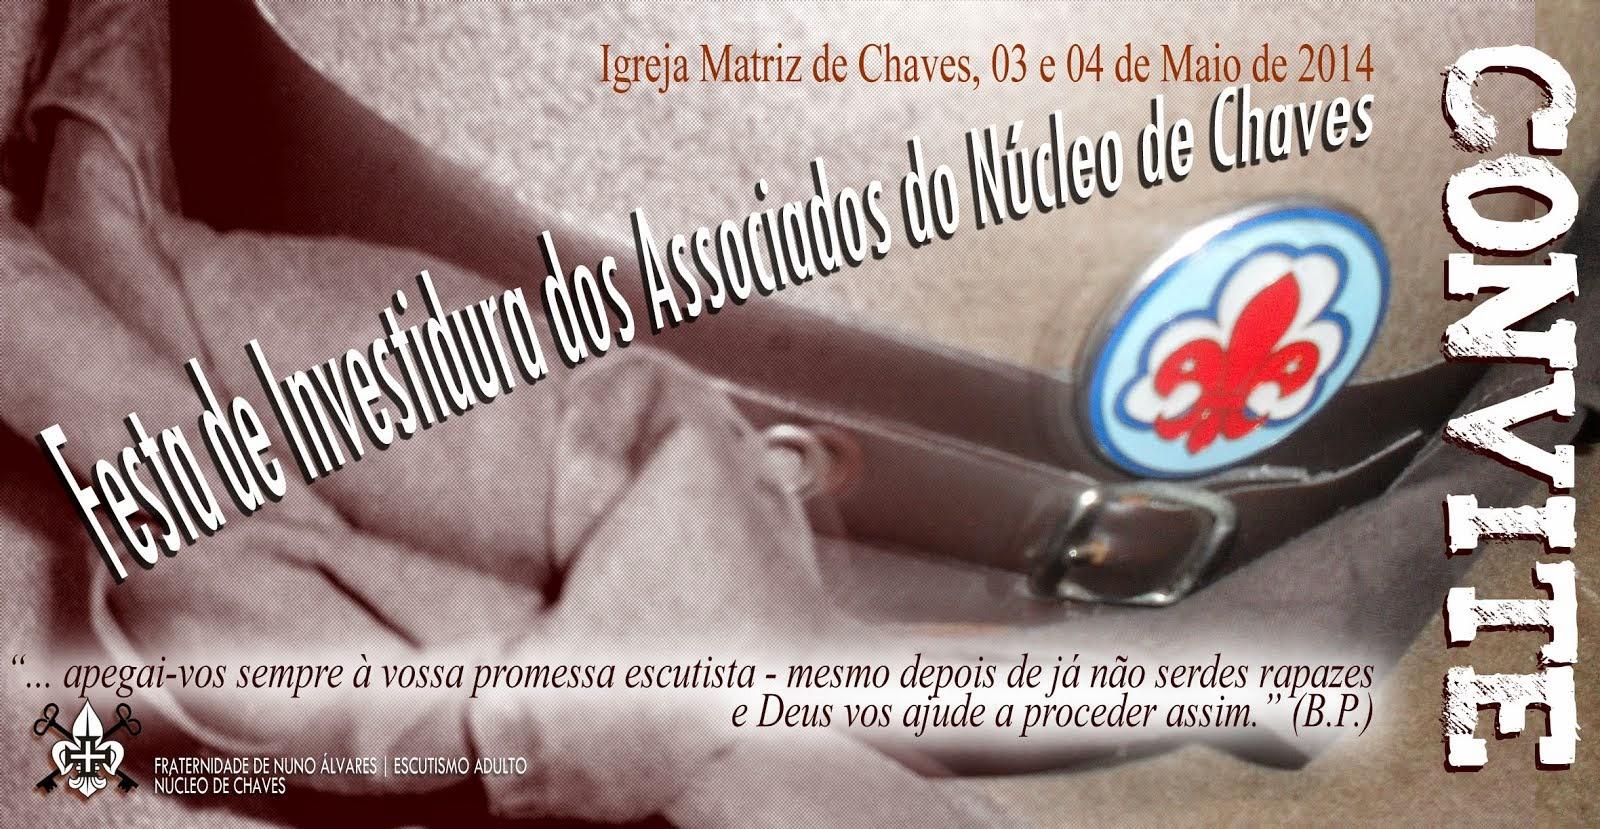 NÚCLEO DE CHAVES